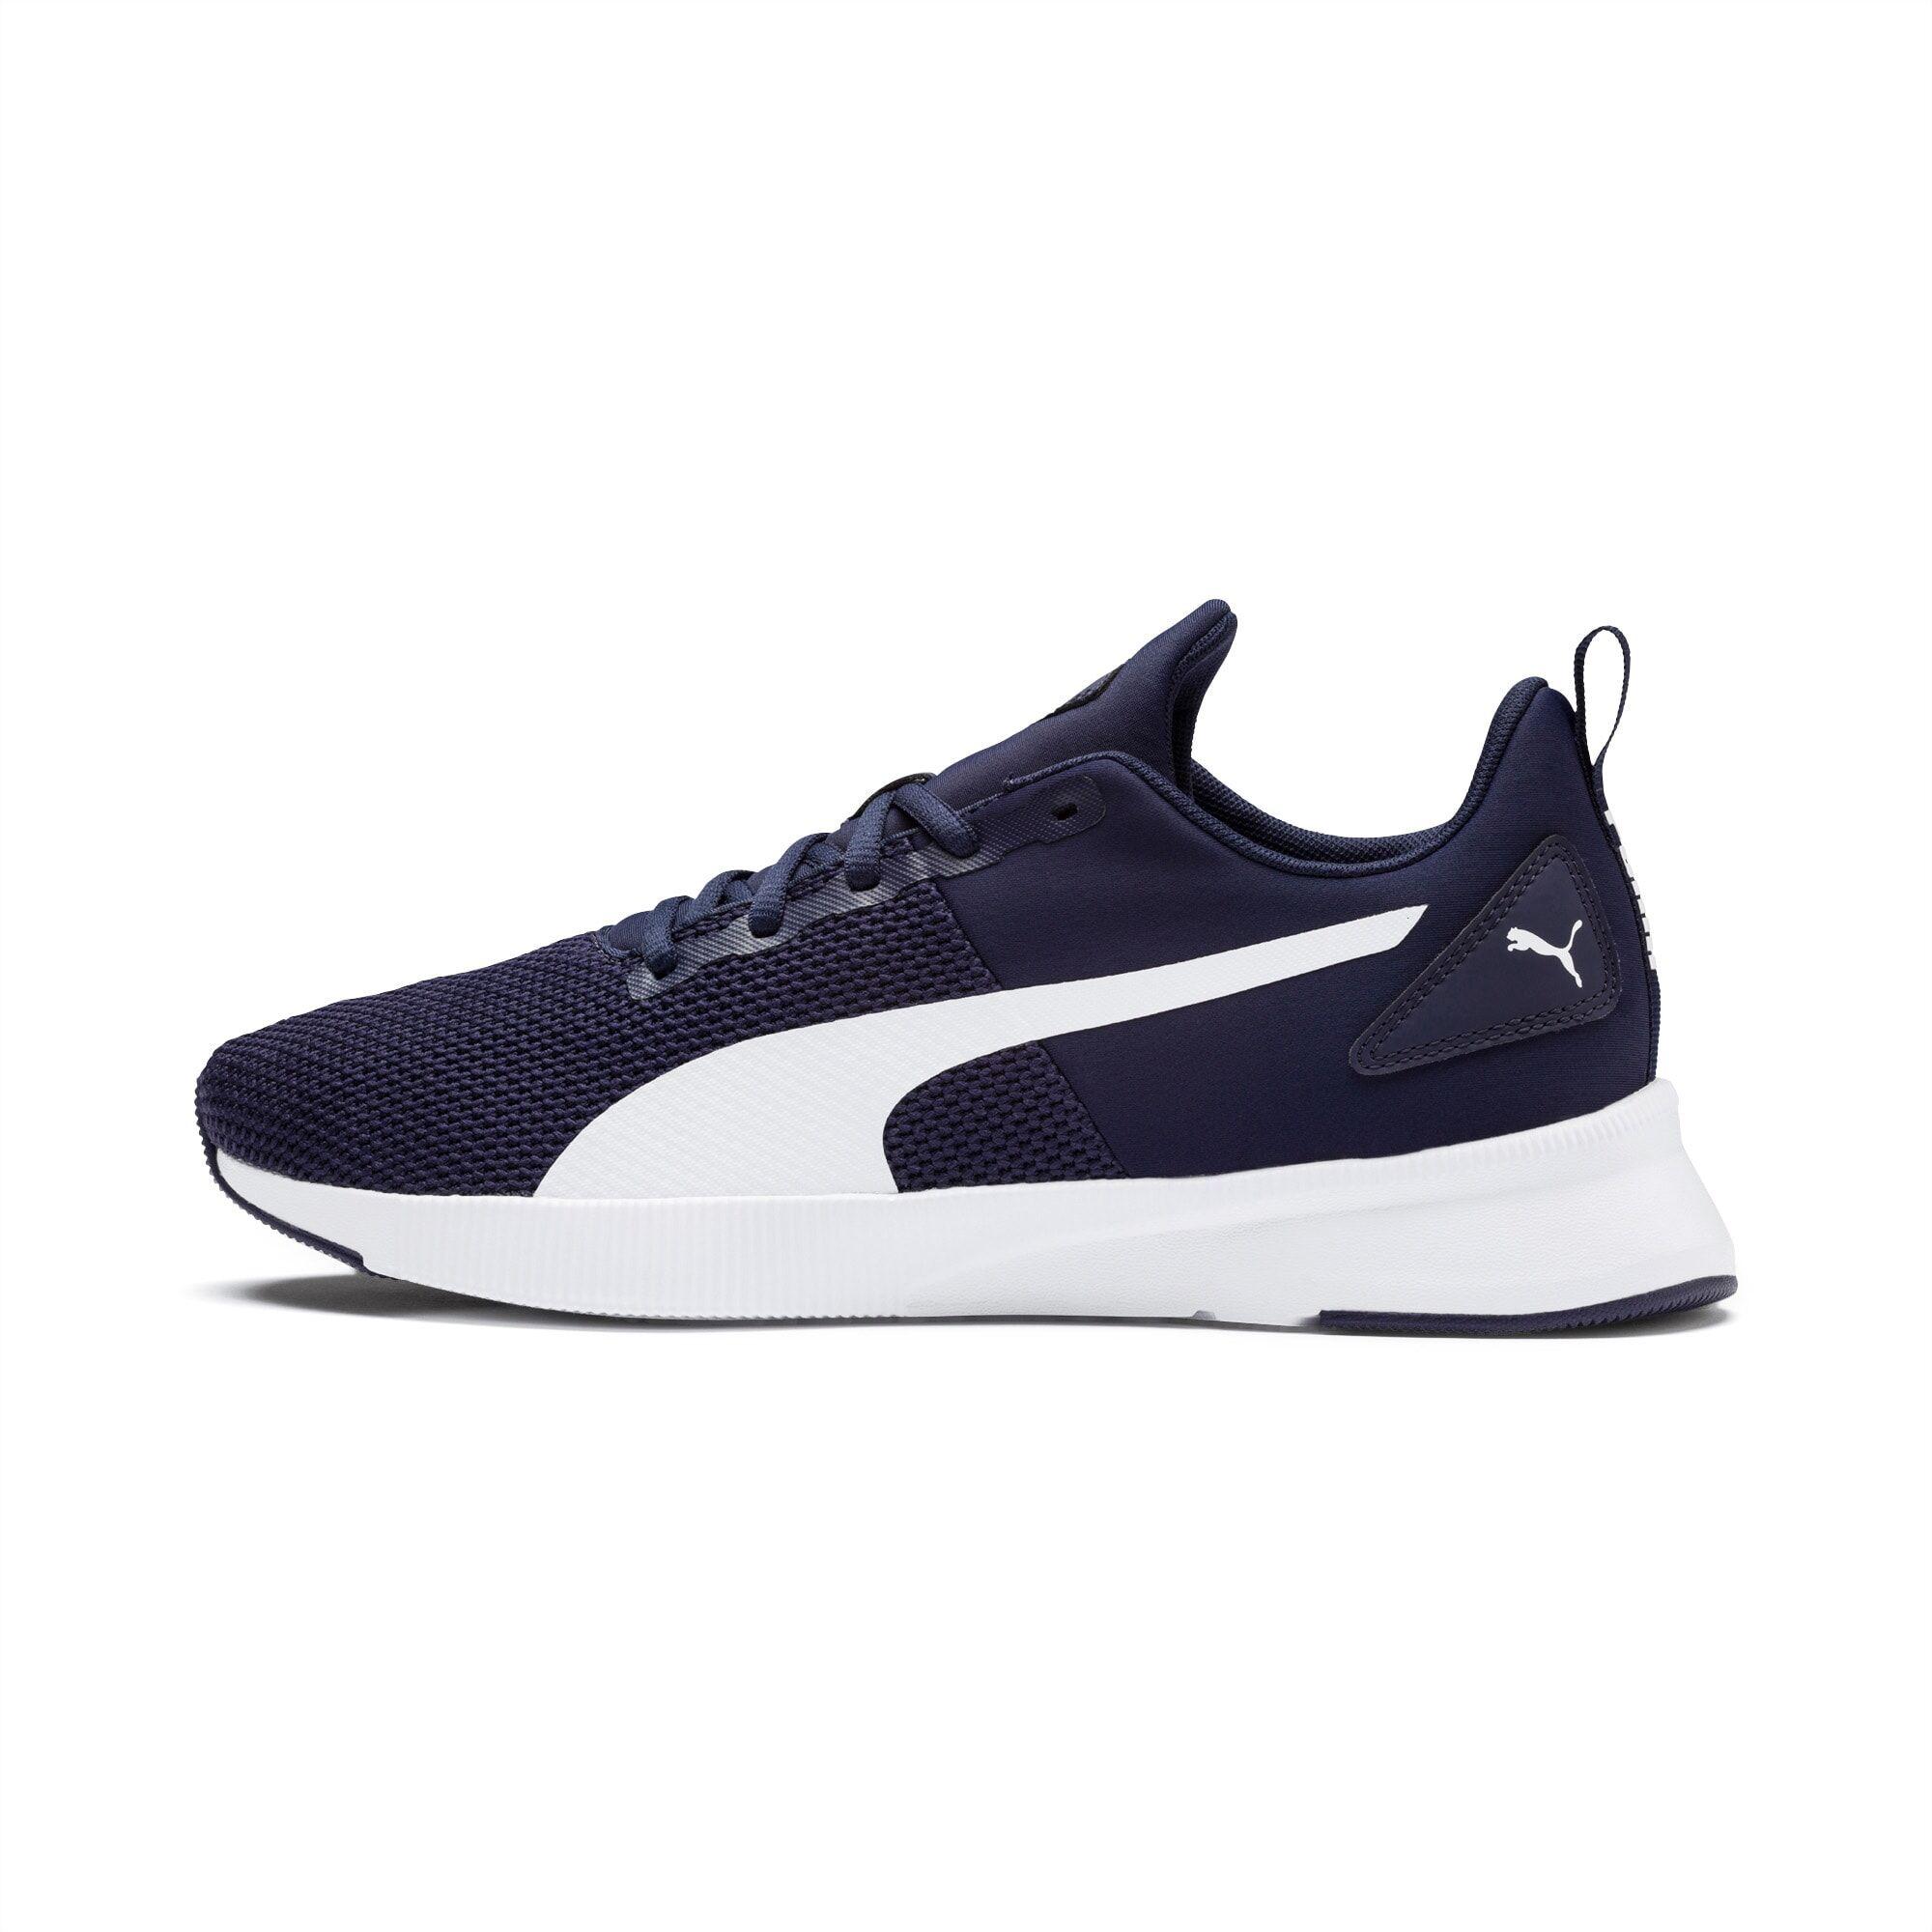 PUMA Chaussure de course Flyer Runner, Bleu/Blanc, Taille 41, Chaussures